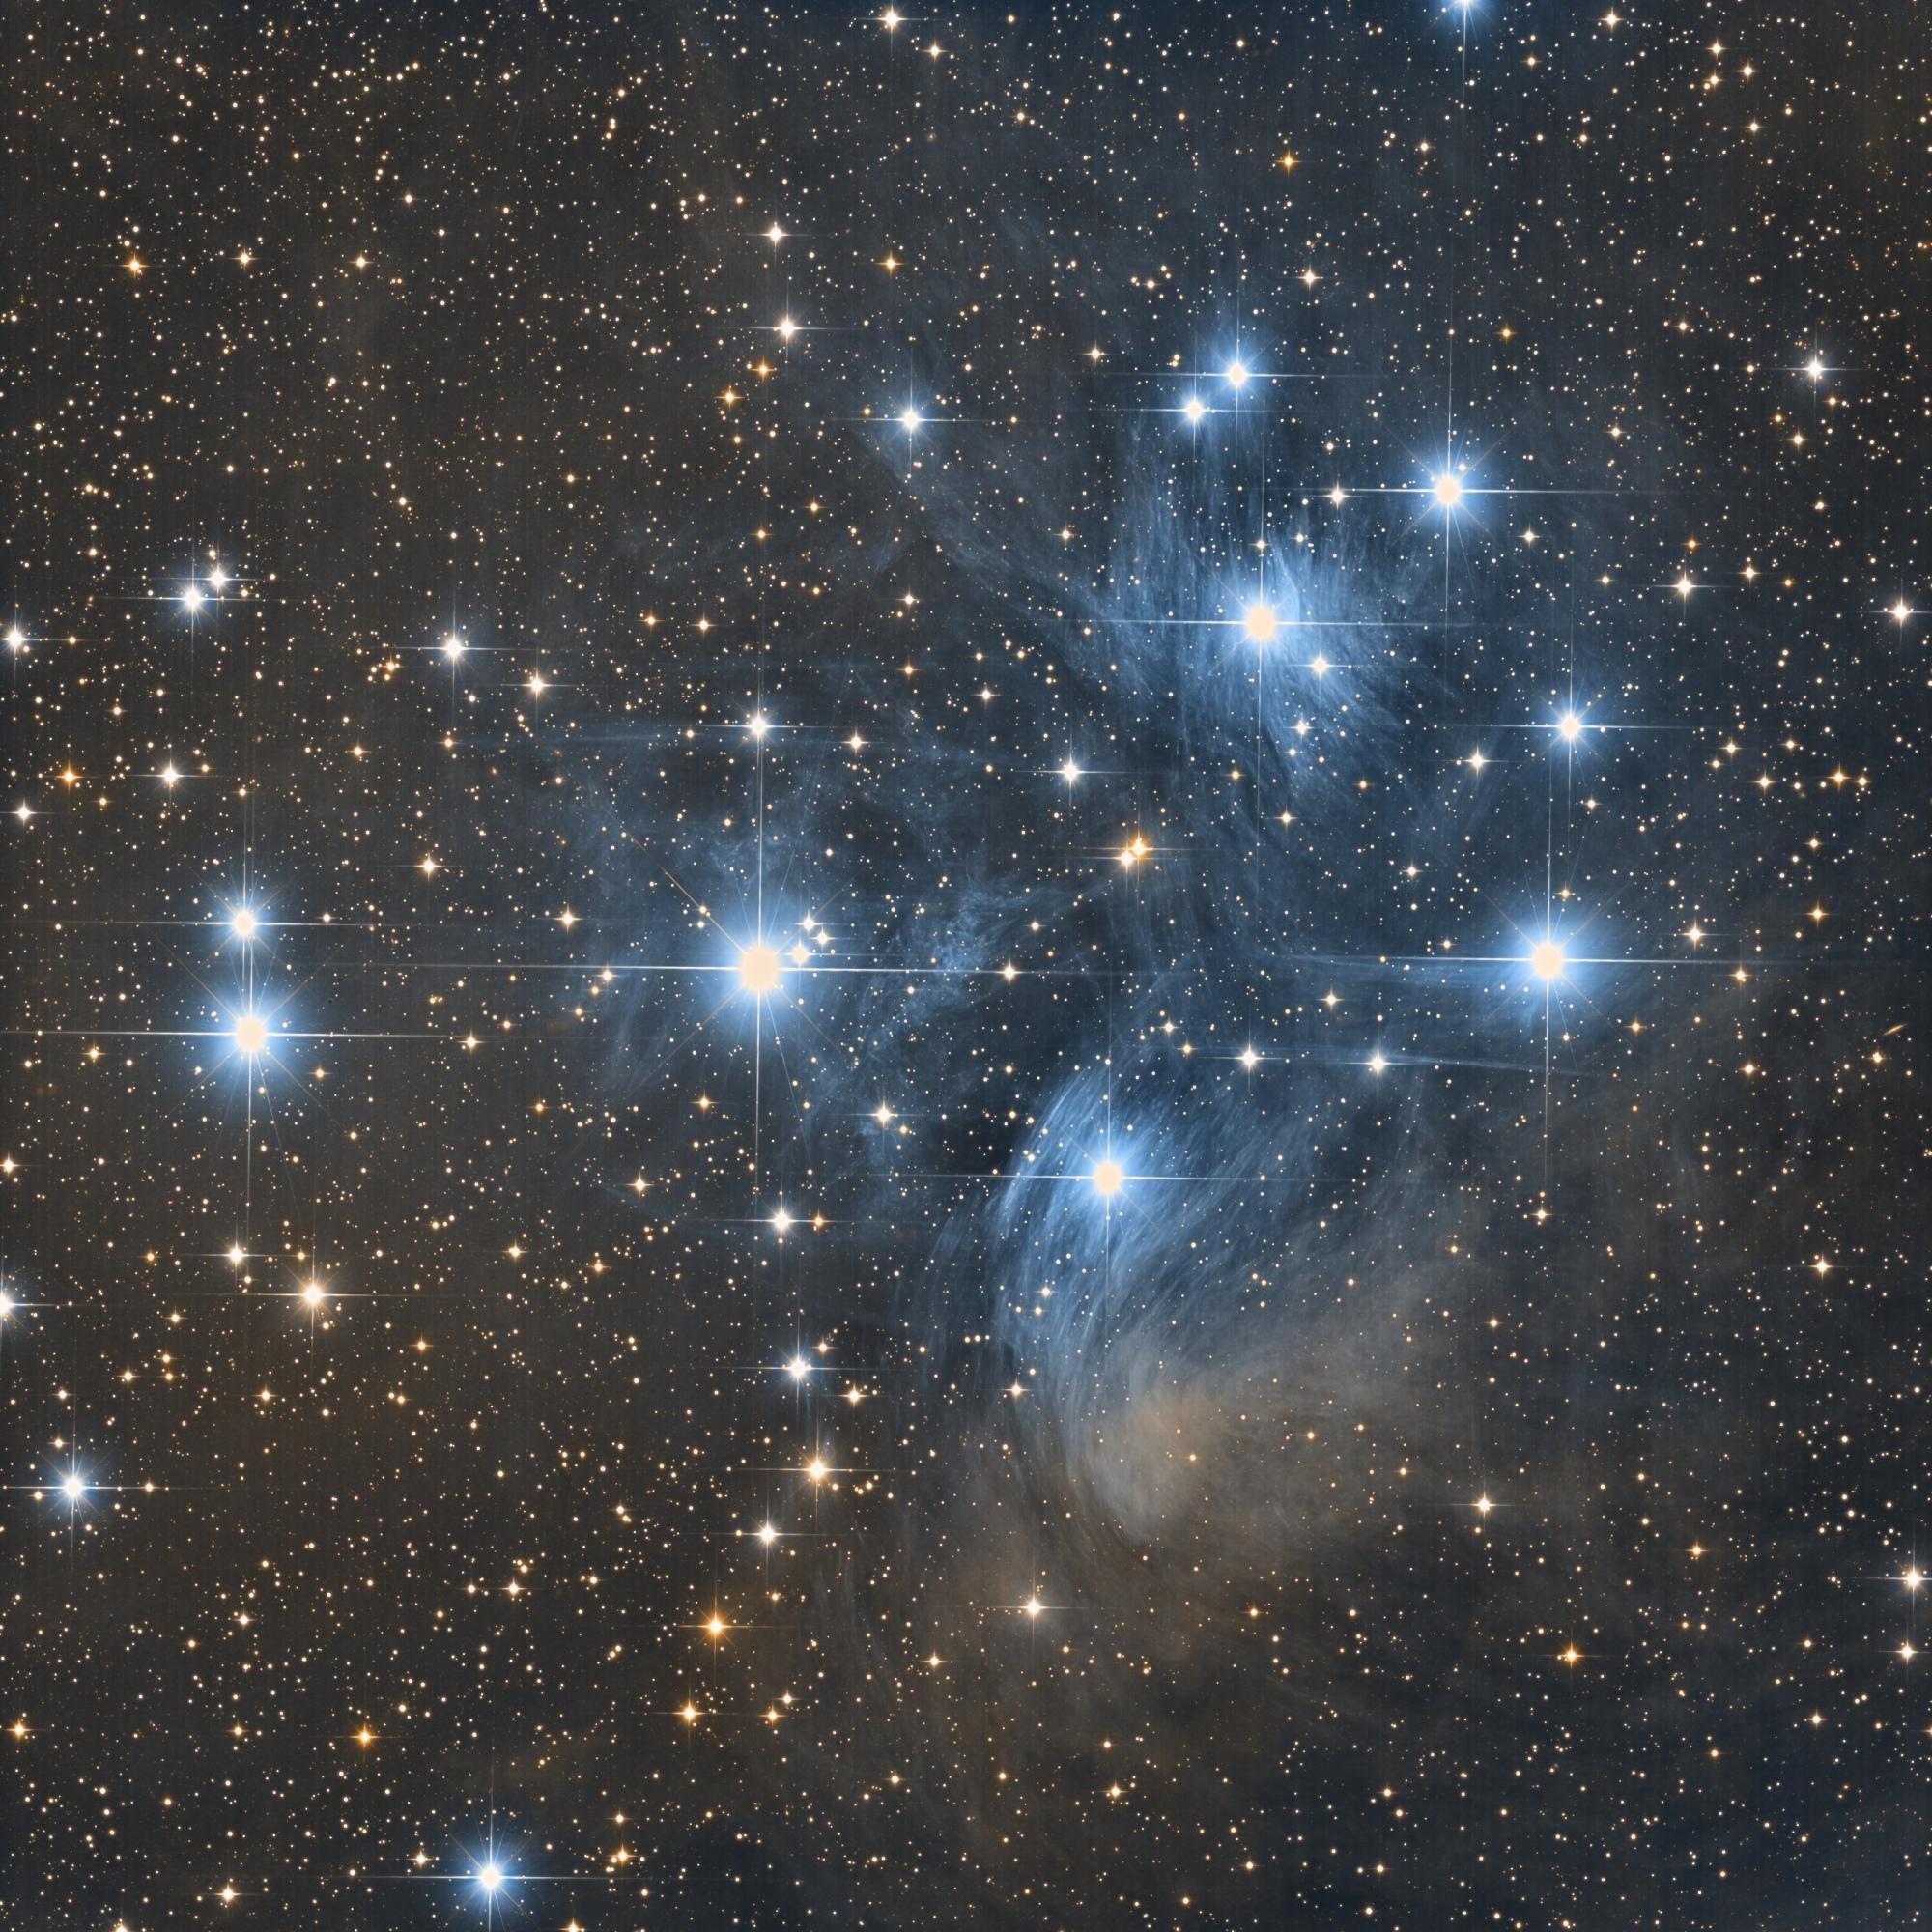 M45_RVB_3h45_V11VFdu_14-10-19VF0_du_16-10-19der-inv.jpg